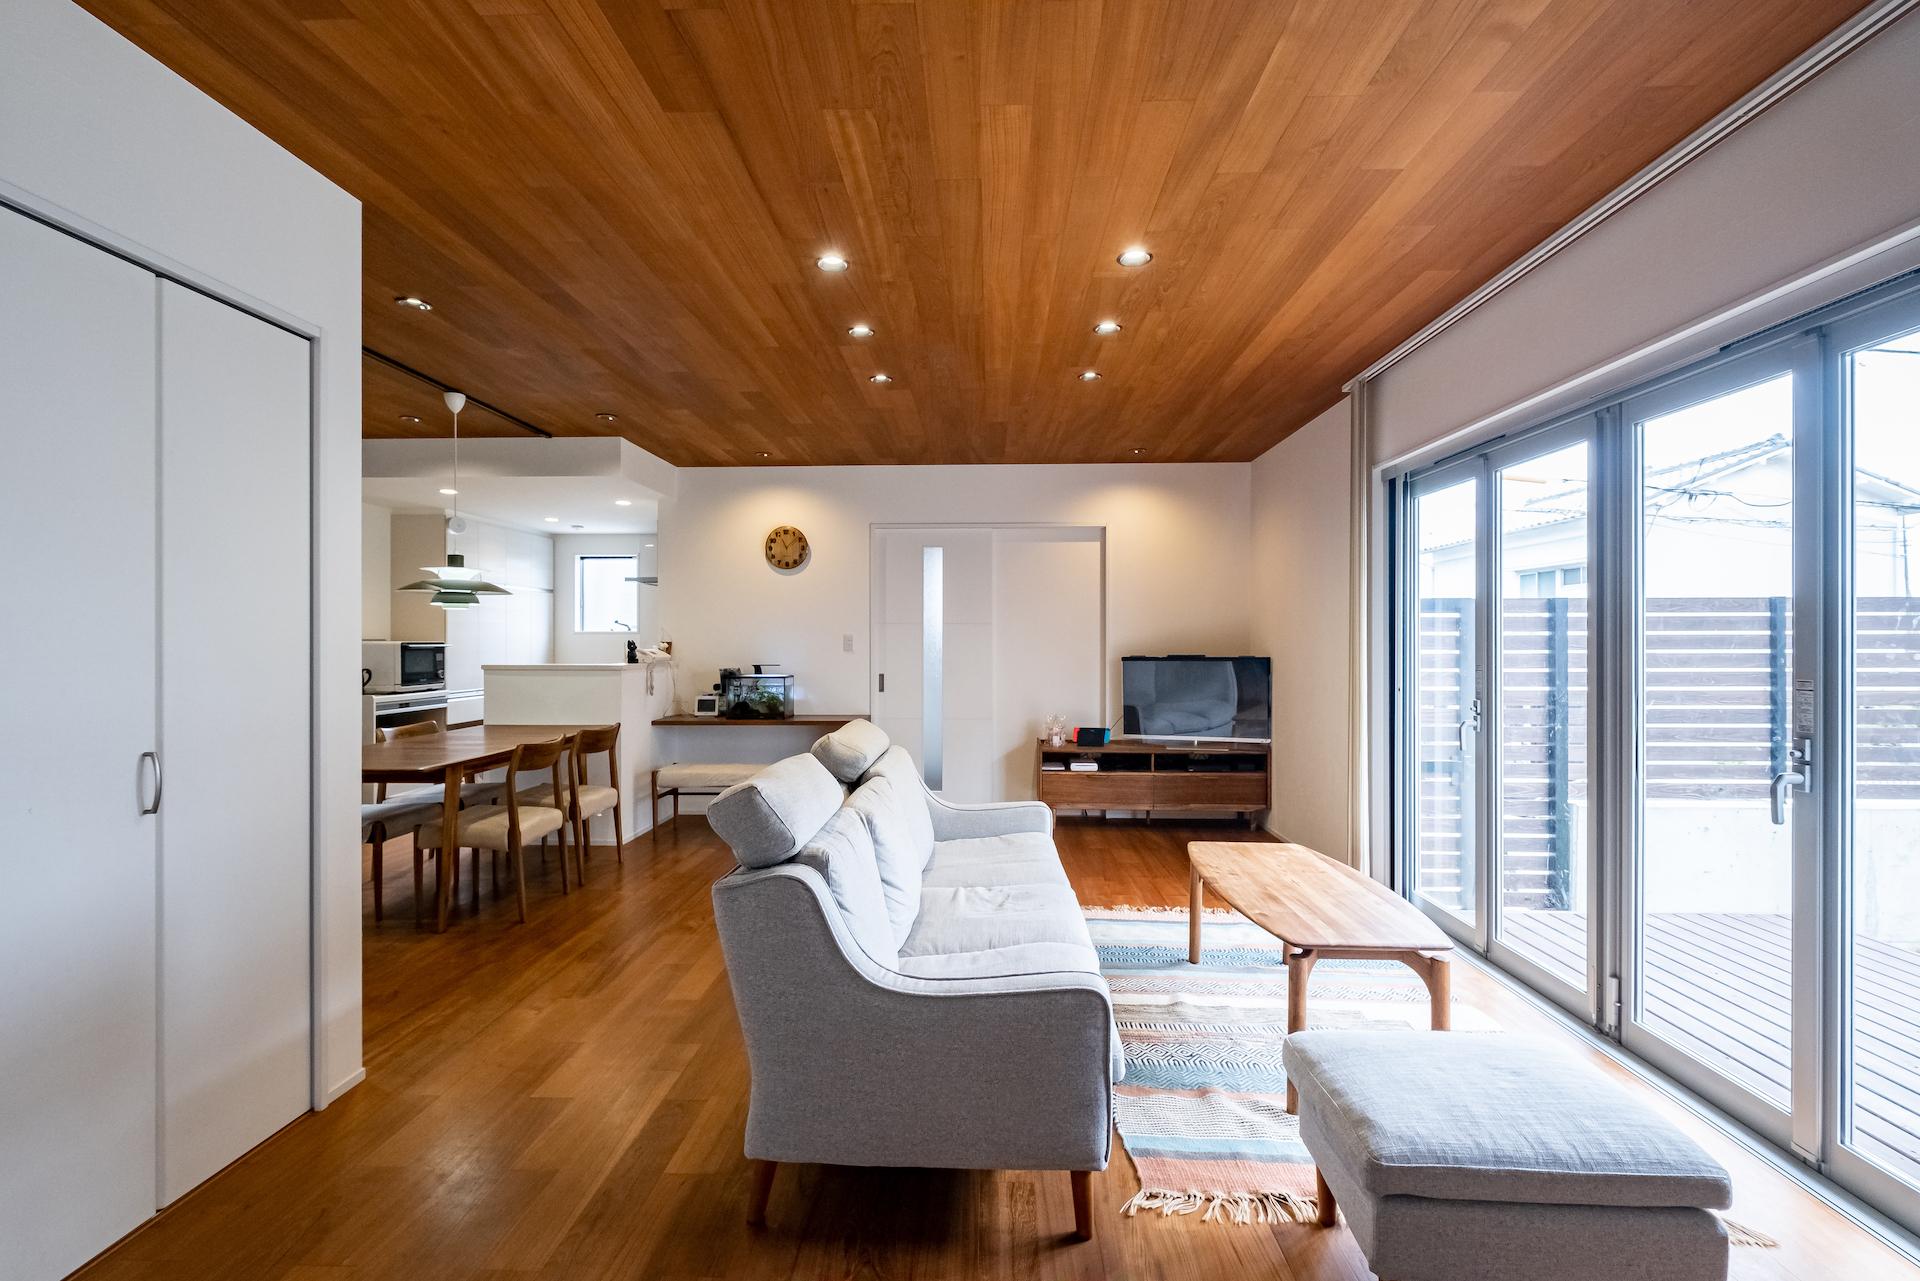 南向きに大きく開かれたリビング。ウッドデッキも繋がり開放感が抜群。天井と床に使われたチーク材はご主人のこだわり。家具についてもチークで統一した